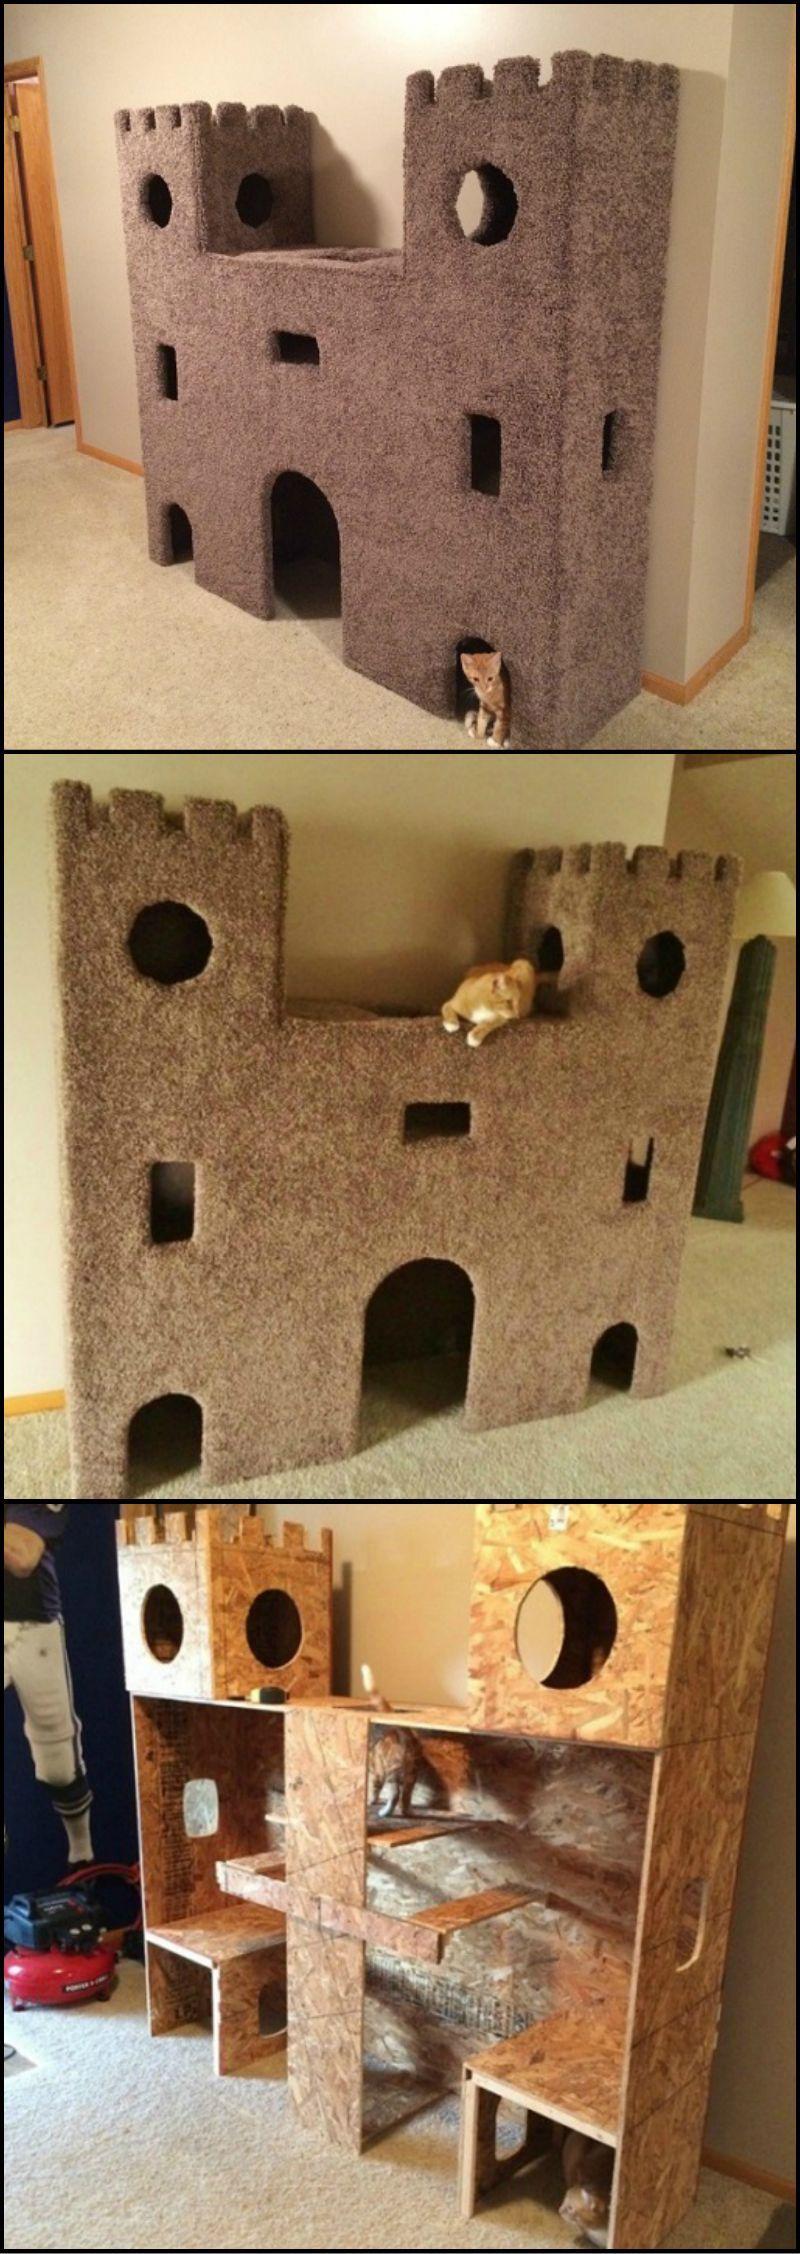 Kitten Pics Bilder - Kitten Pics Bilder